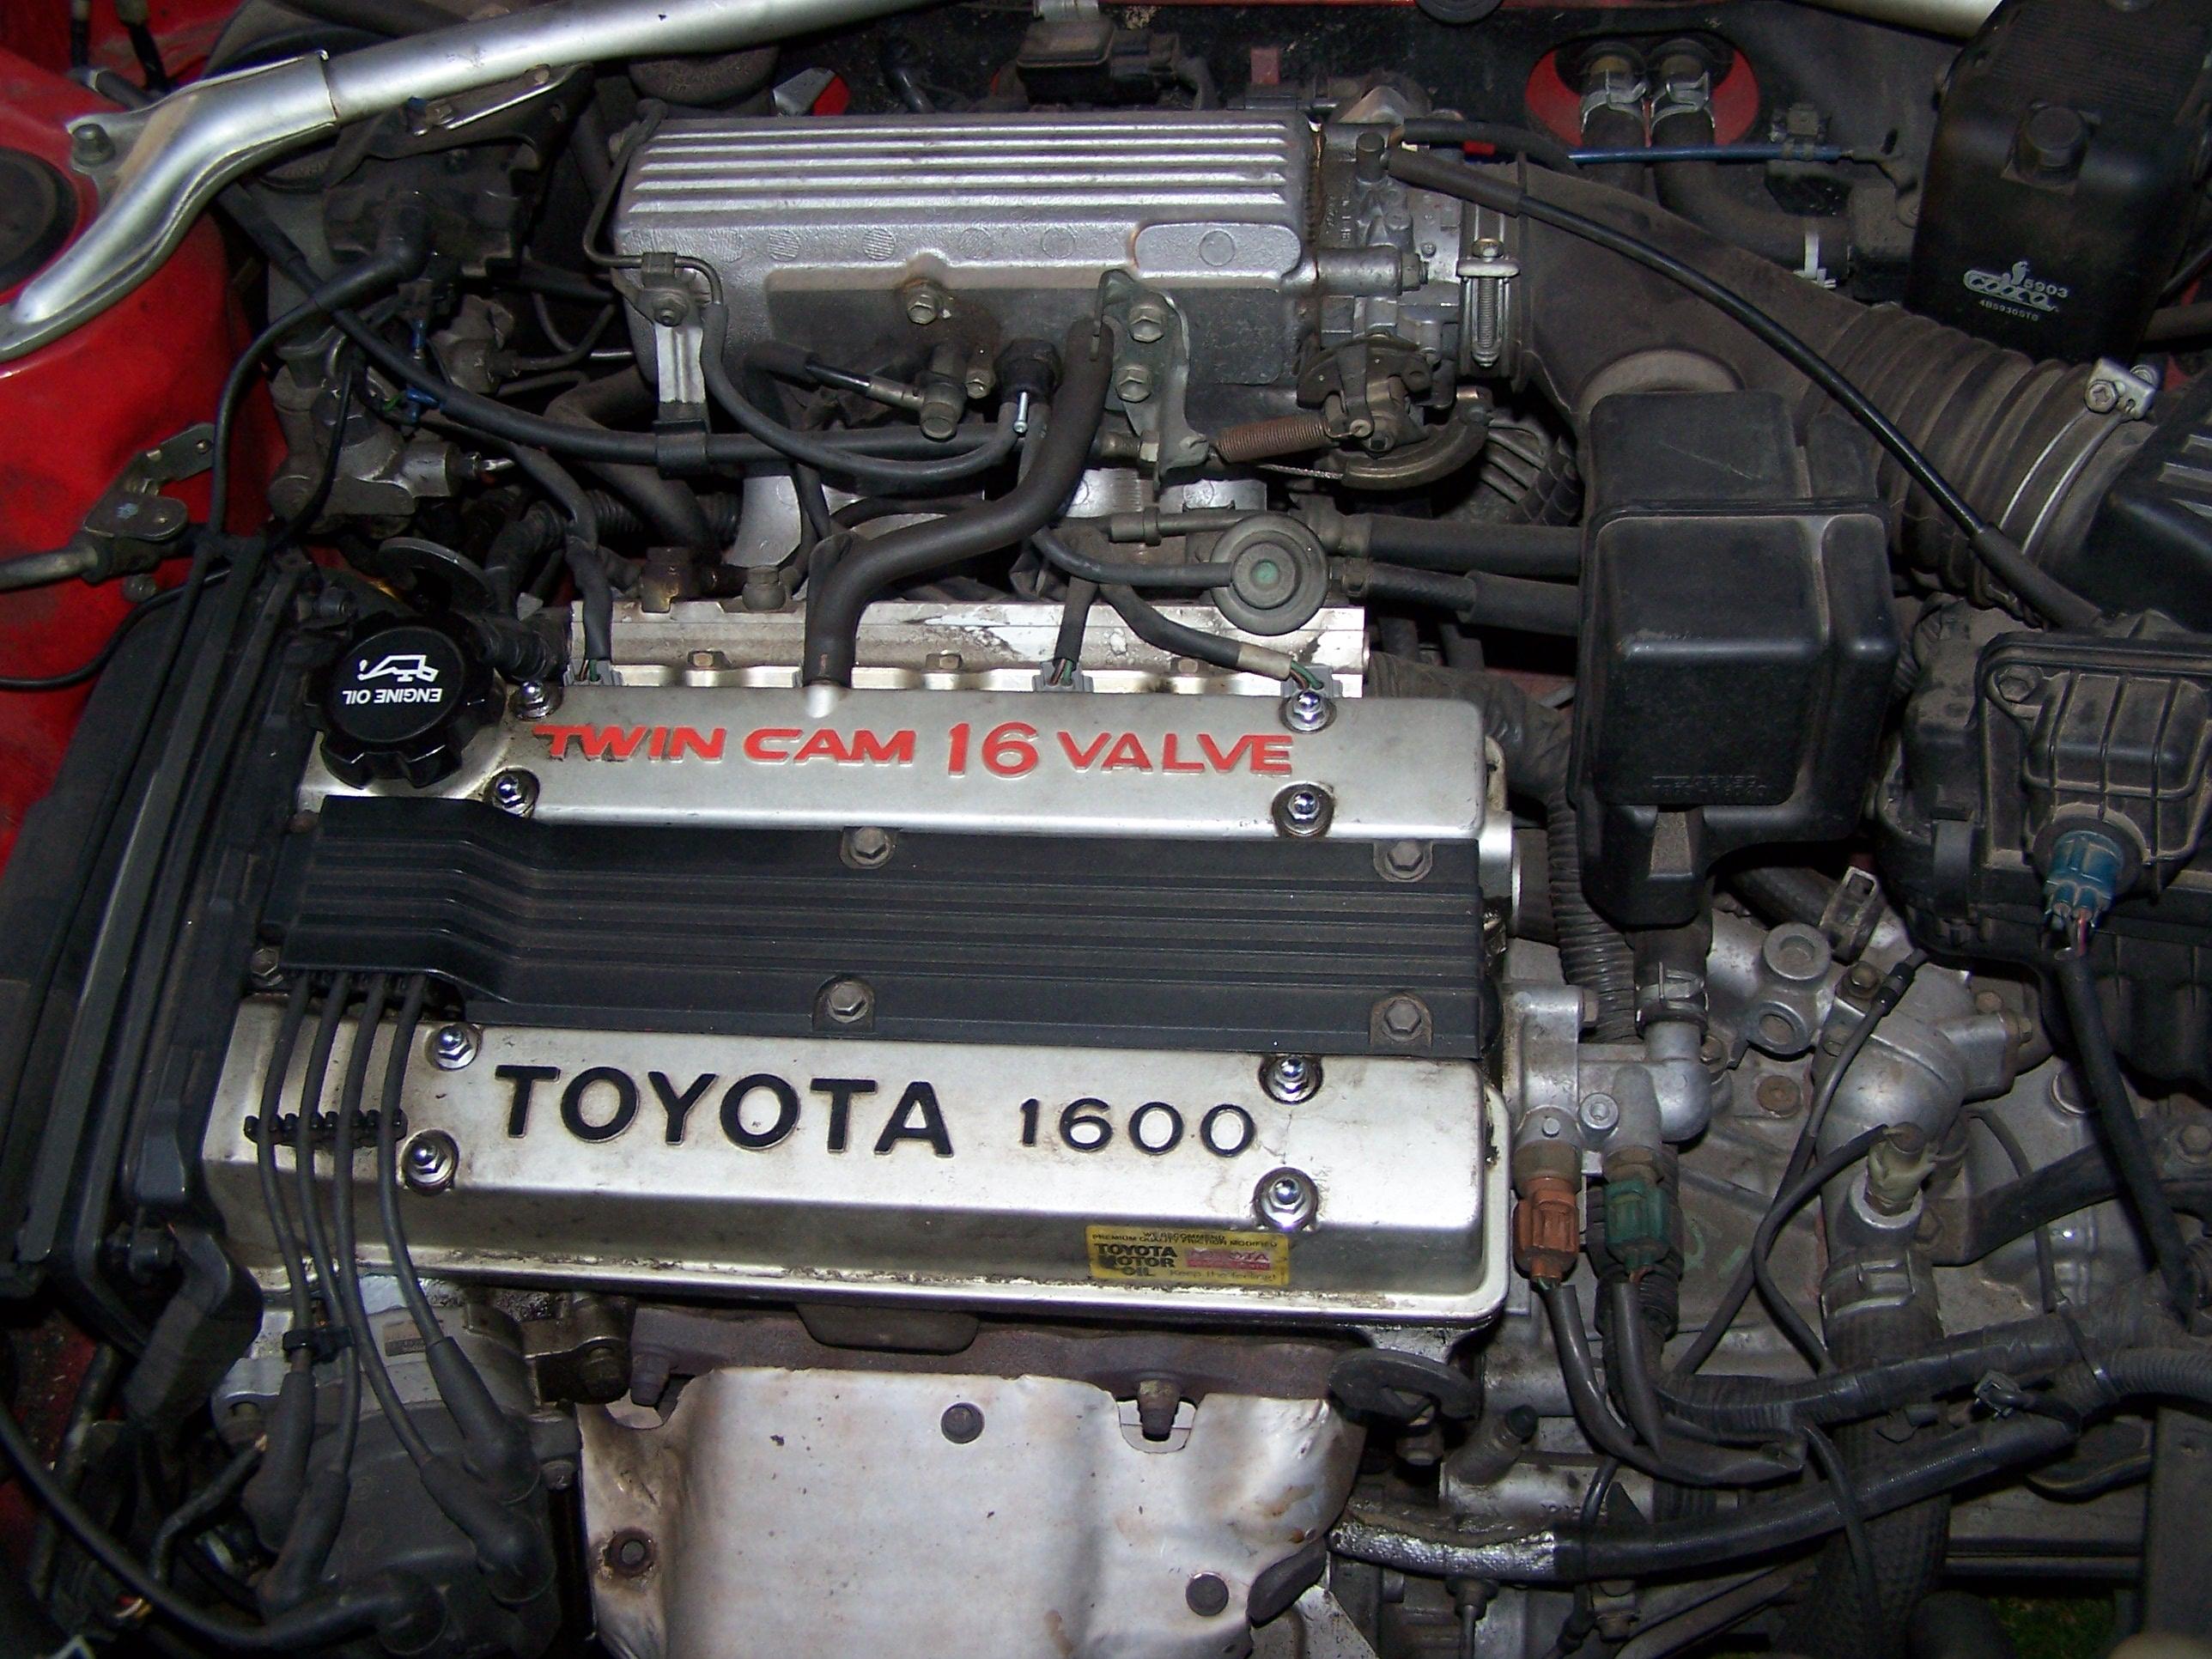 Toyota Twincam 16v Engine For Sale